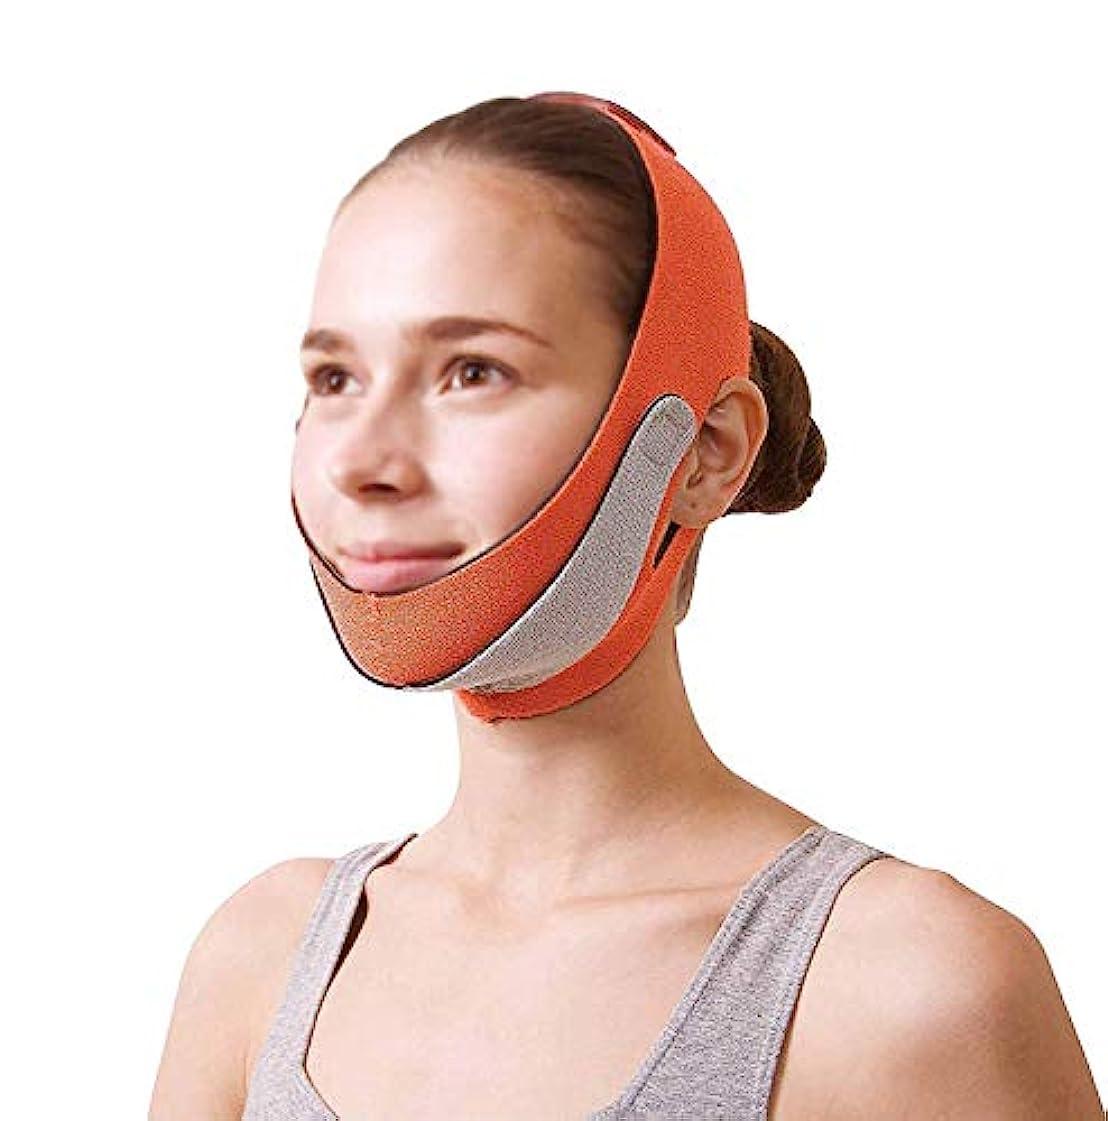 未接続クレア反対するフェイスリフトマスク、あごストラップ回復ポスト包帯ヘッドギアフェイスマスク顔薄いフェイスマスクアーティファクト美容顔と首リフトオレンジマスク